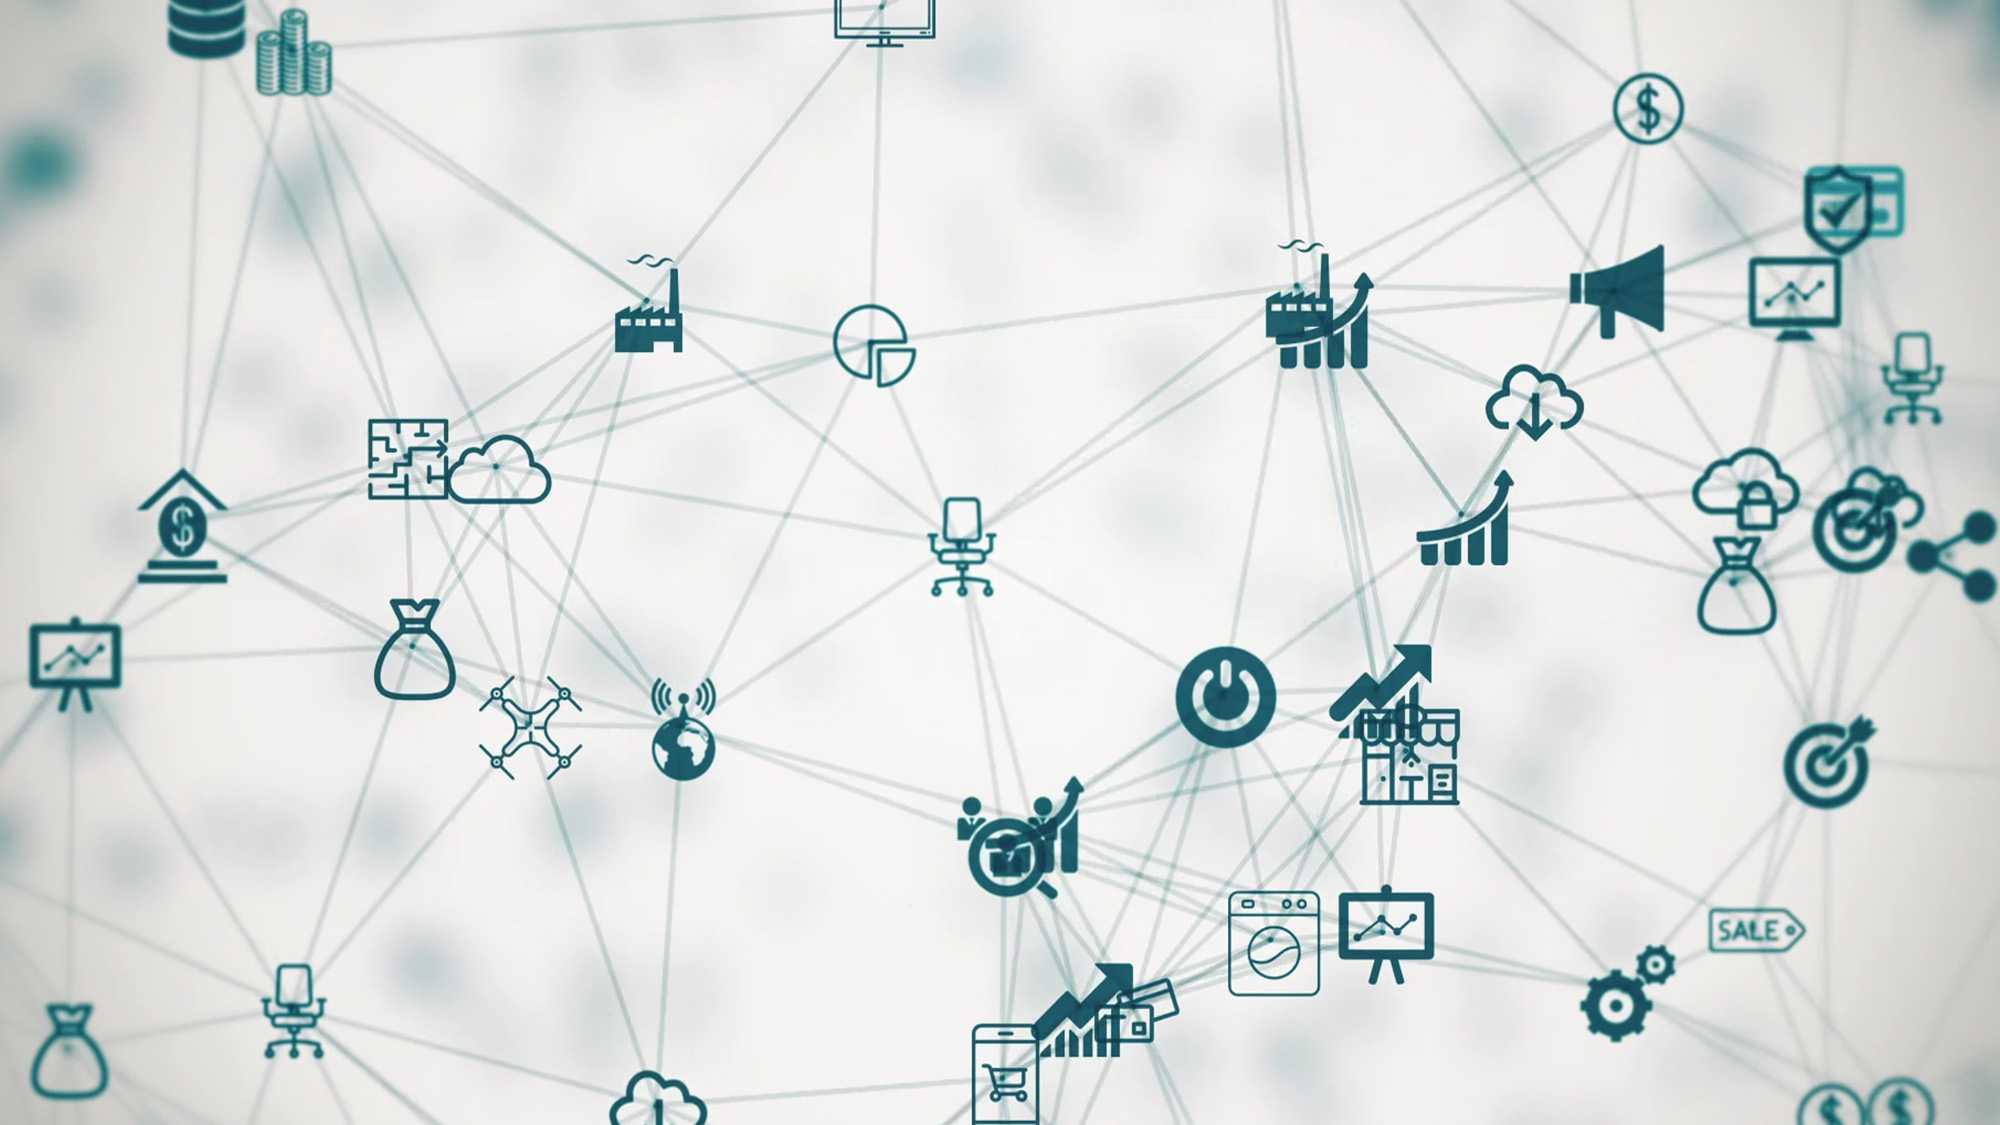 Das Bild zeigt einen weißen Hintergrund. Auf diesem laufen viele Linien in grün mit verschiedenen Icons wie ein Spinnennetz. Das Bild dient als Sliderbild für den Portfolioeintrag SupplyOn - Supply Chain Management Imagefilm von Panda Pictures.